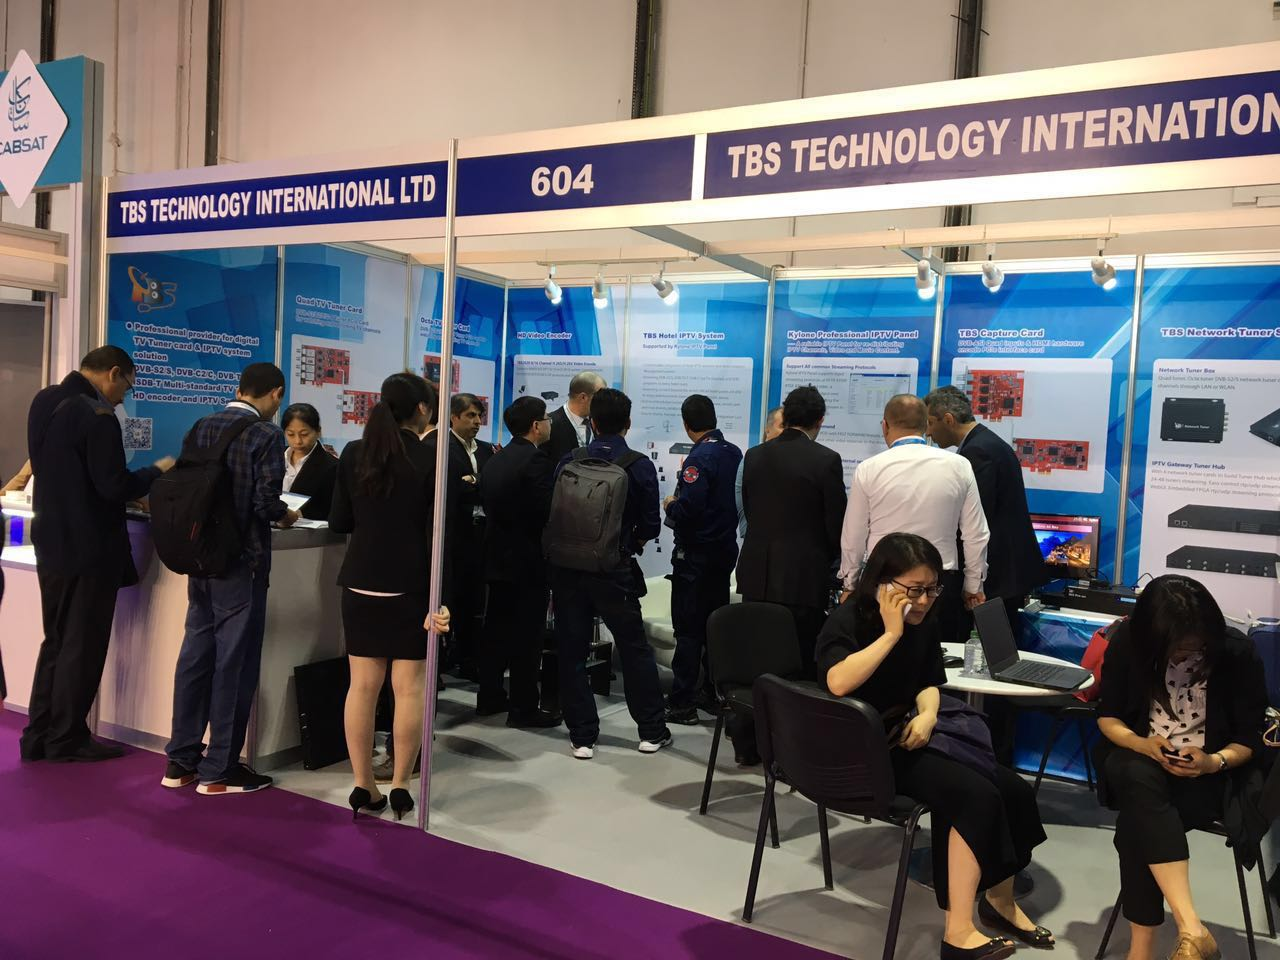 TBS@CABSAT 2017: Mar 21-Mar 23, Hall 6-604 in Dubai World Trade